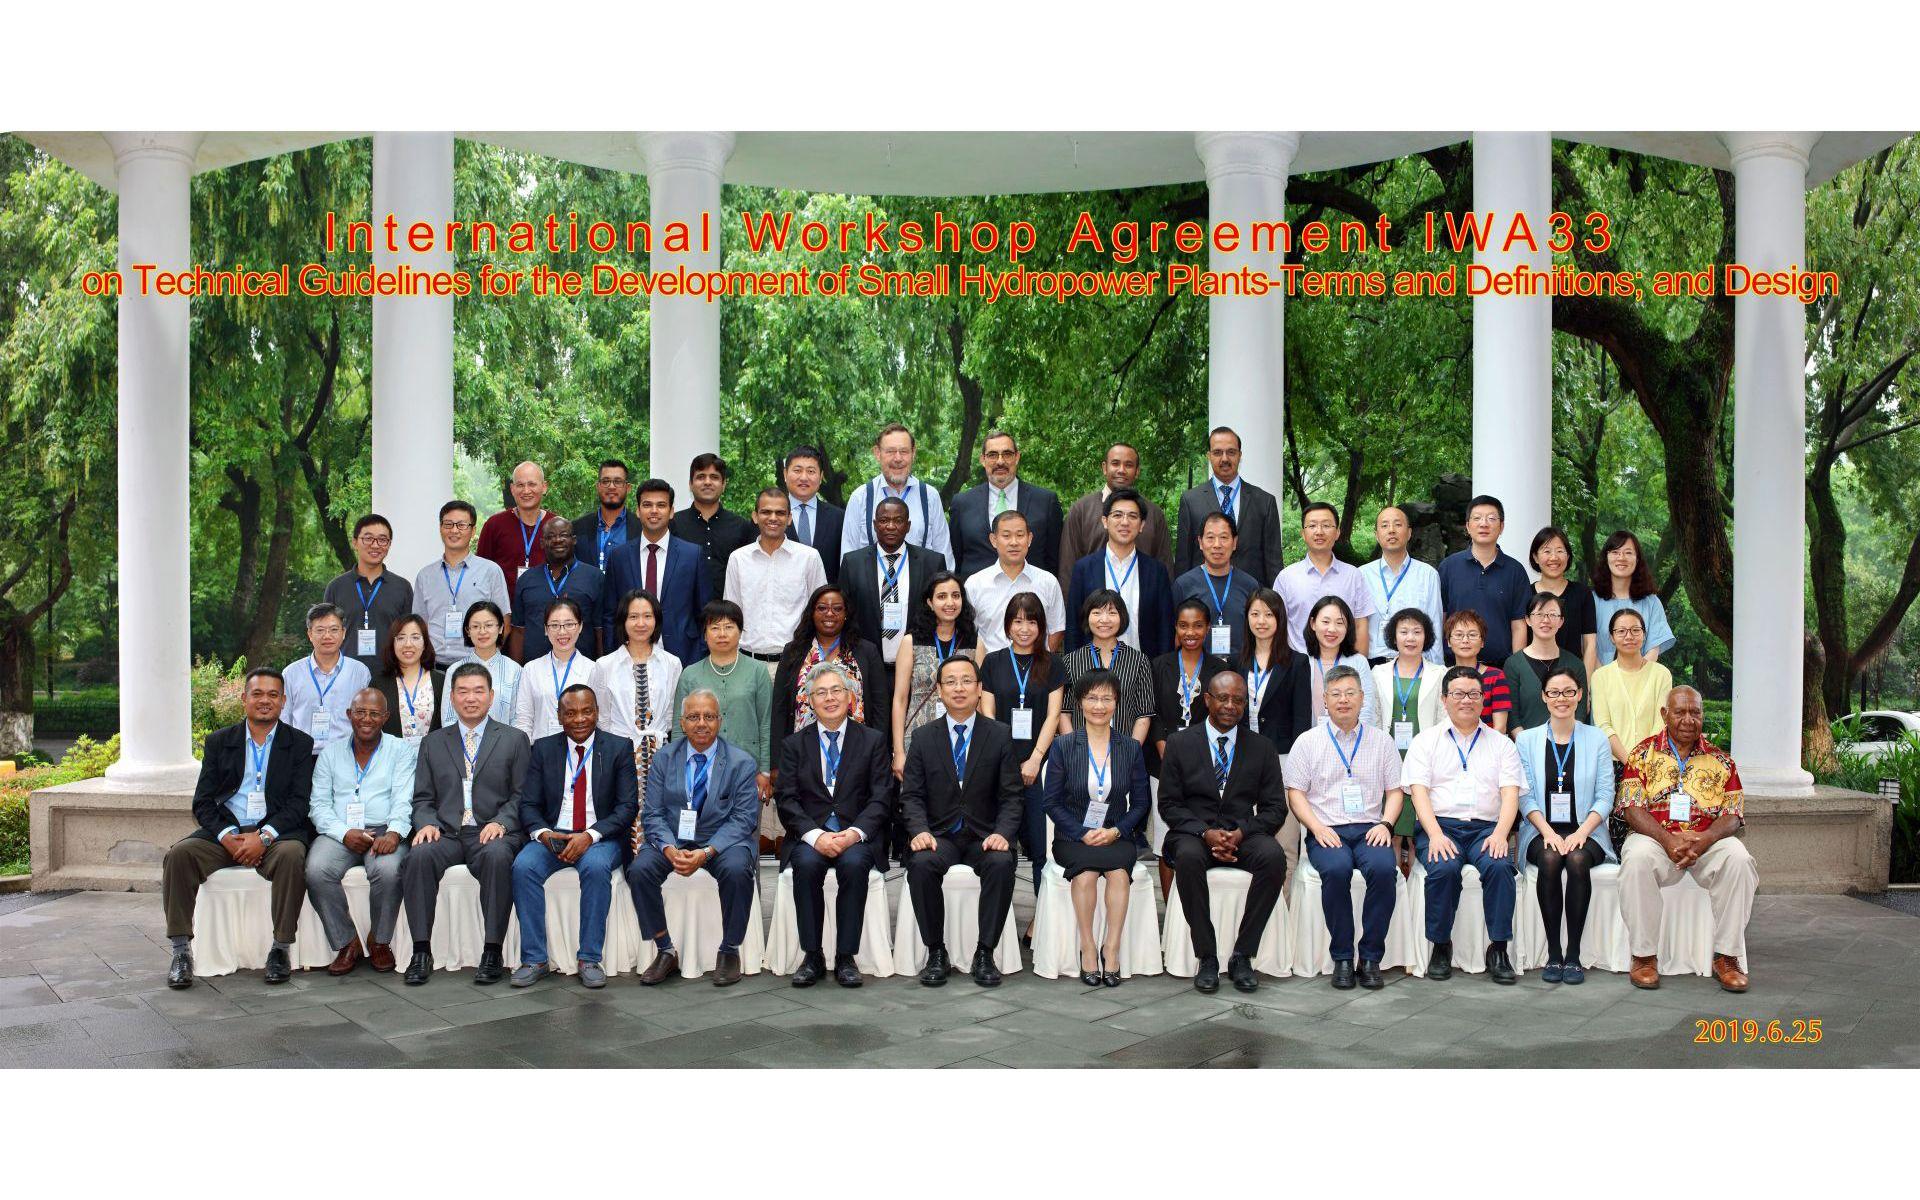 浙江省标准化研究院(中心)参加ISO国际专题研讨会协议(IWA 33)草案讨论会